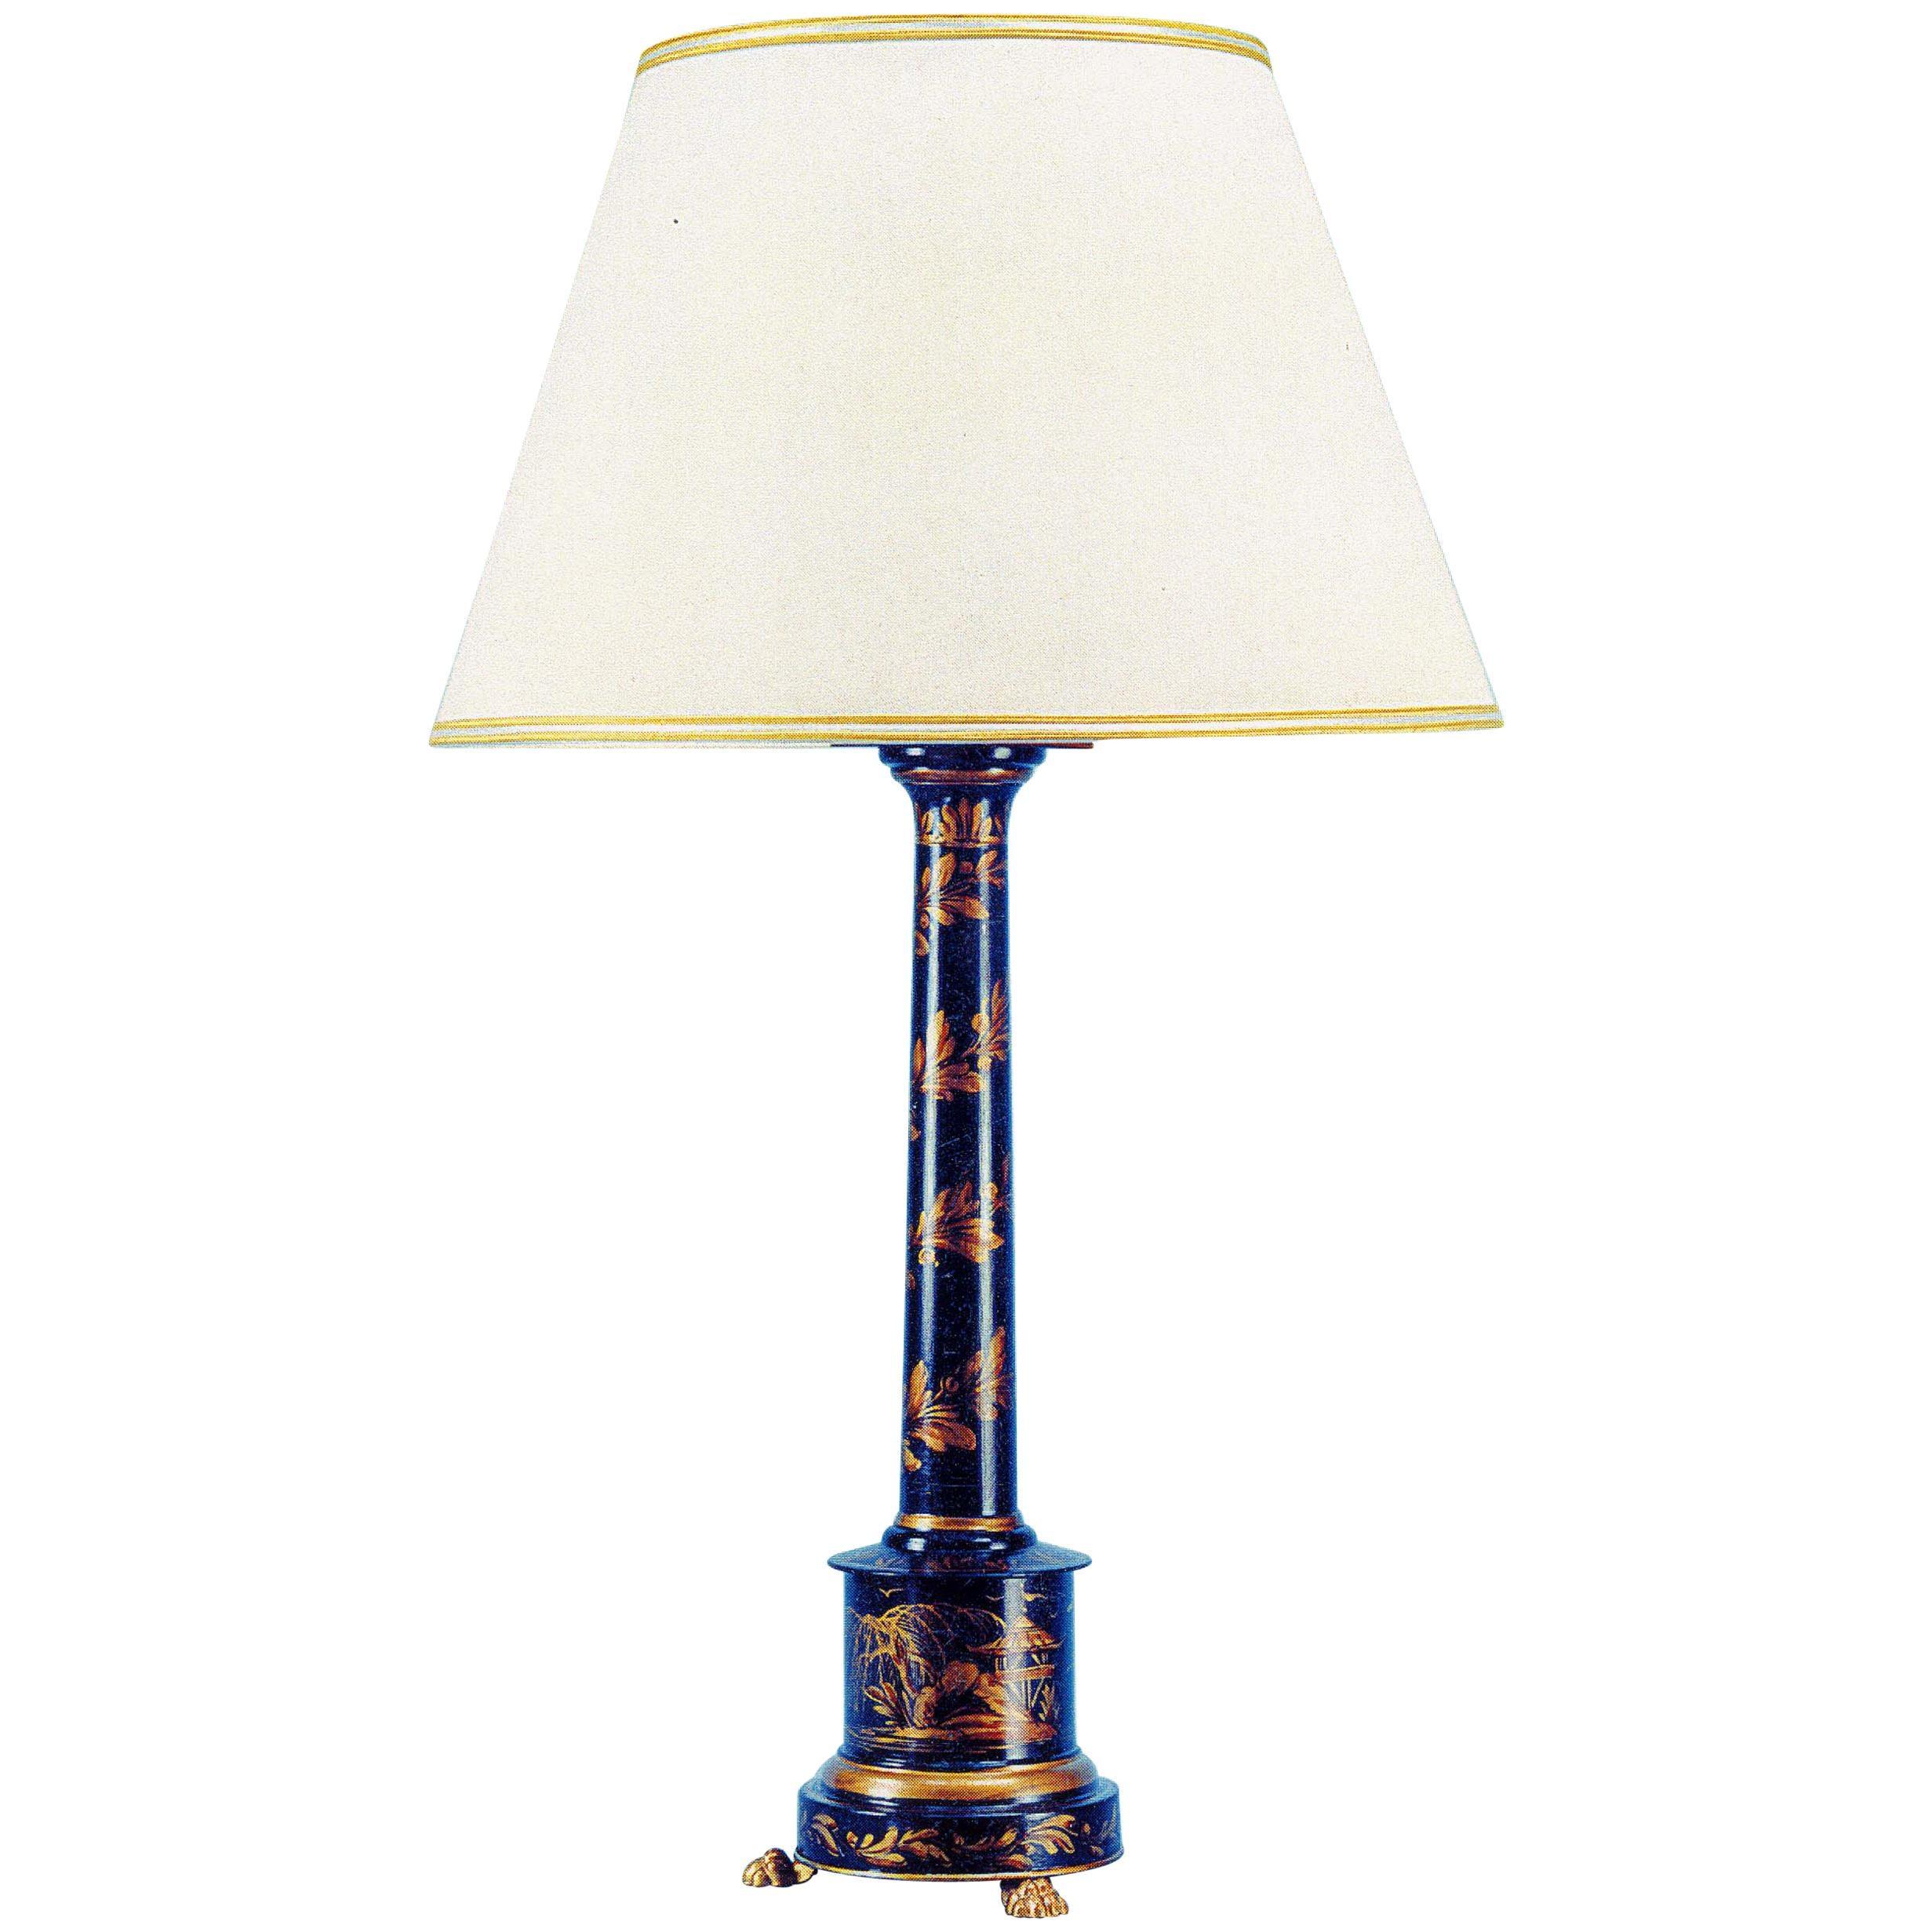 English Regency Style Toleware Lamp By Gherardo Degli Albizzi